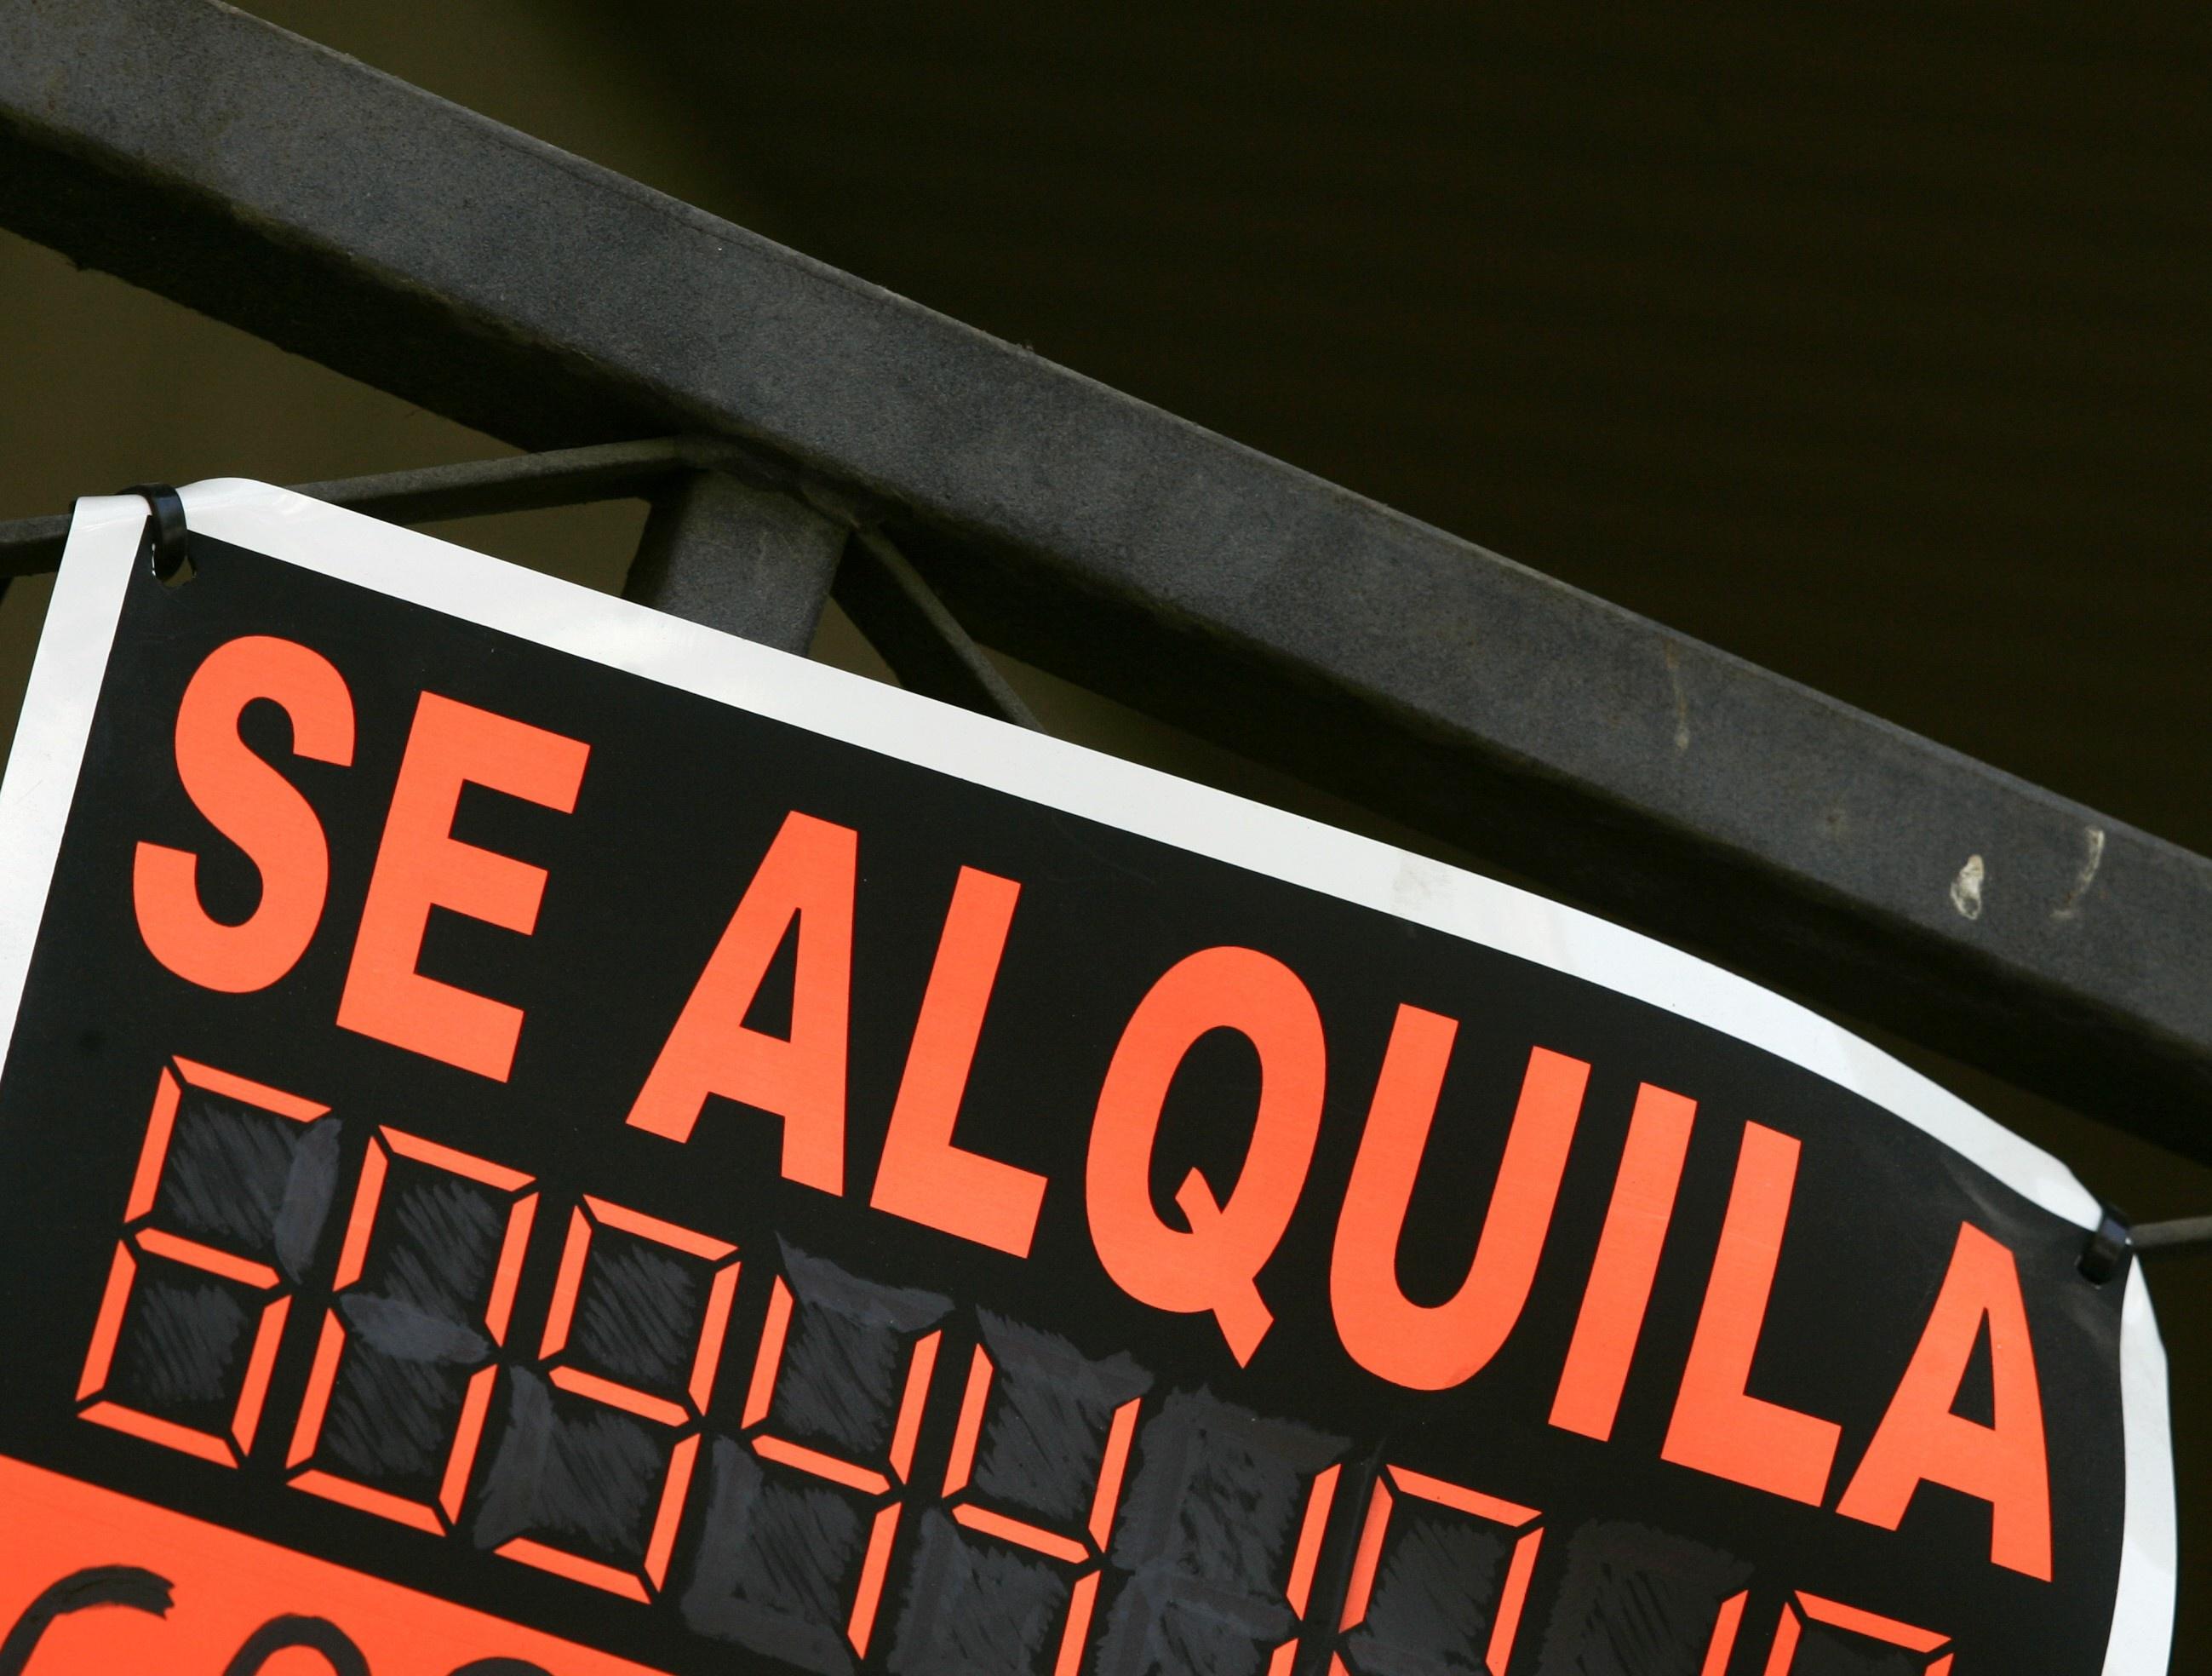 El precio del alquiler cae un 1,11% en el primer semestre en la Comunitat Valenciana